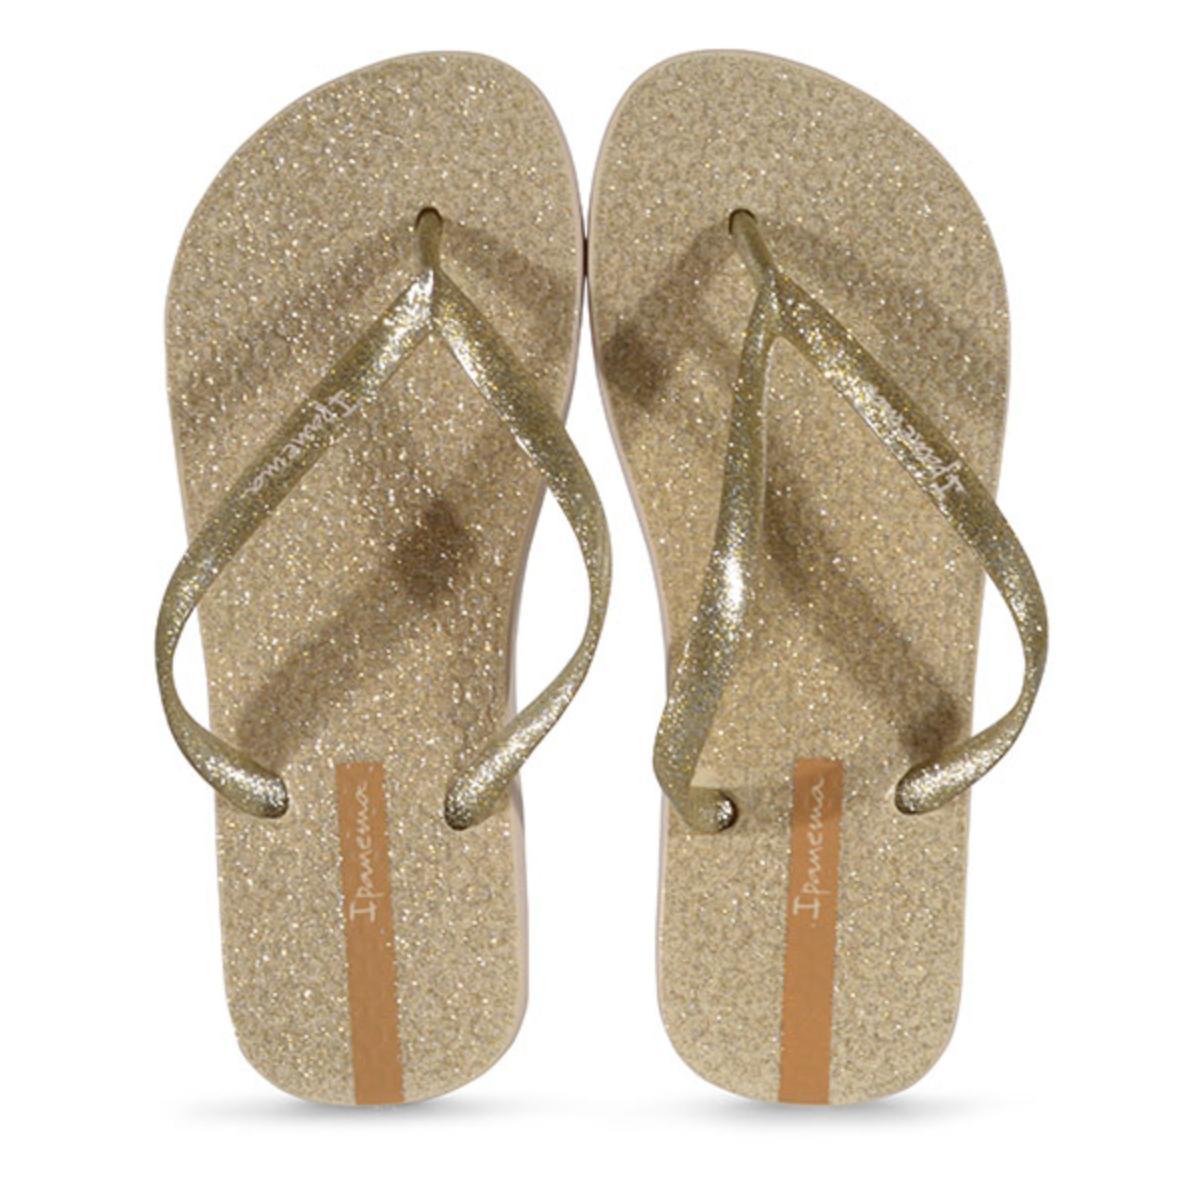 Chinelo Feminino Grendene 26481 25229 Ipanema Glitter Bege/ouro Glitter Prata